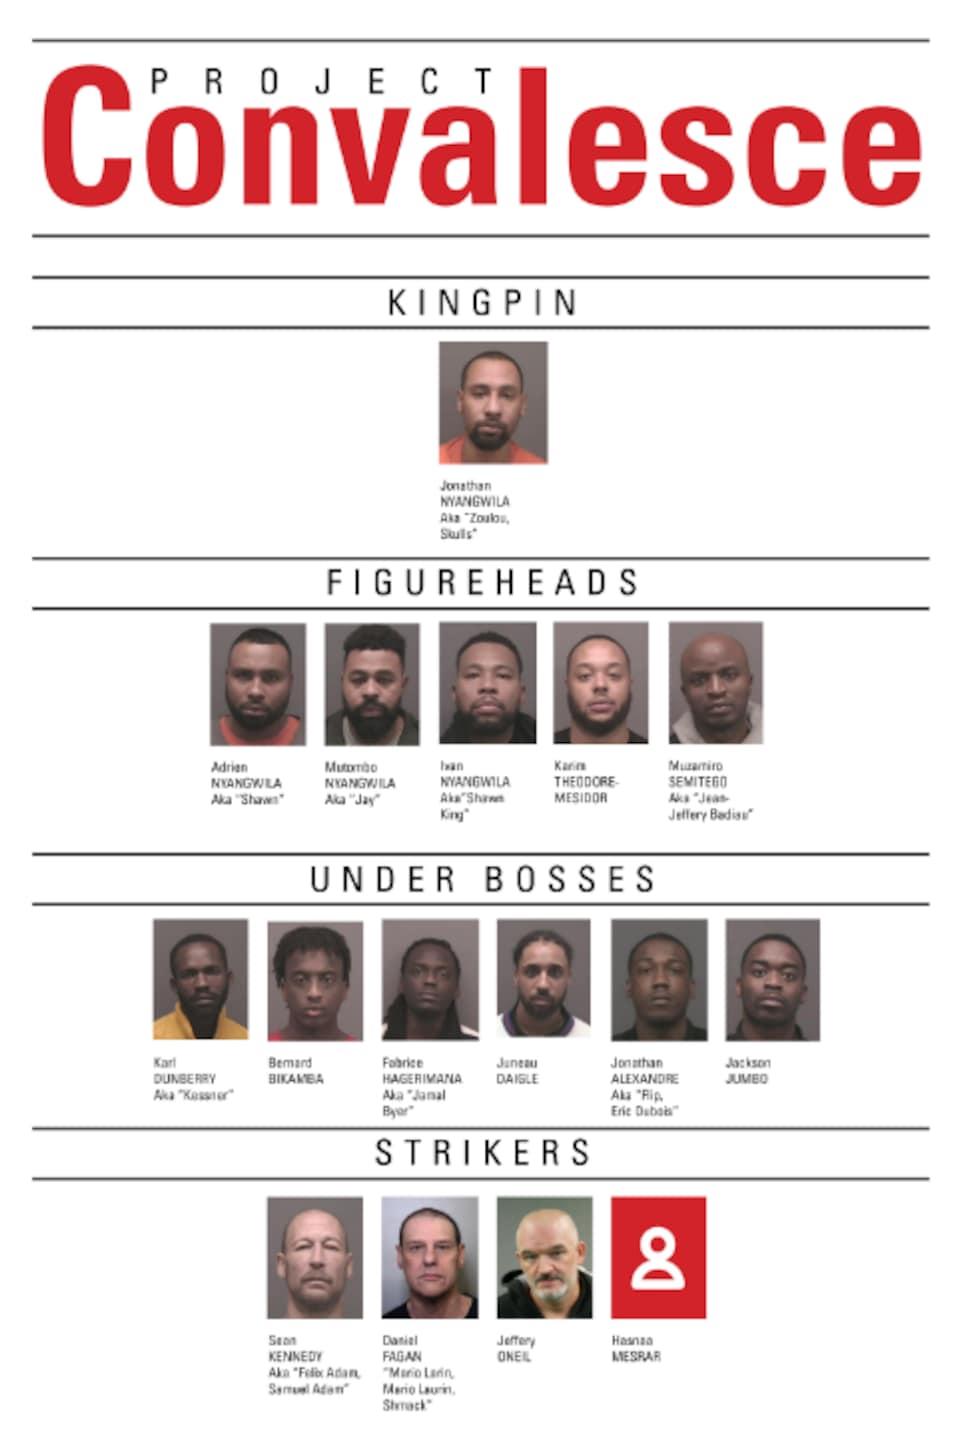 Organigramme montrant des individus arrêtés.